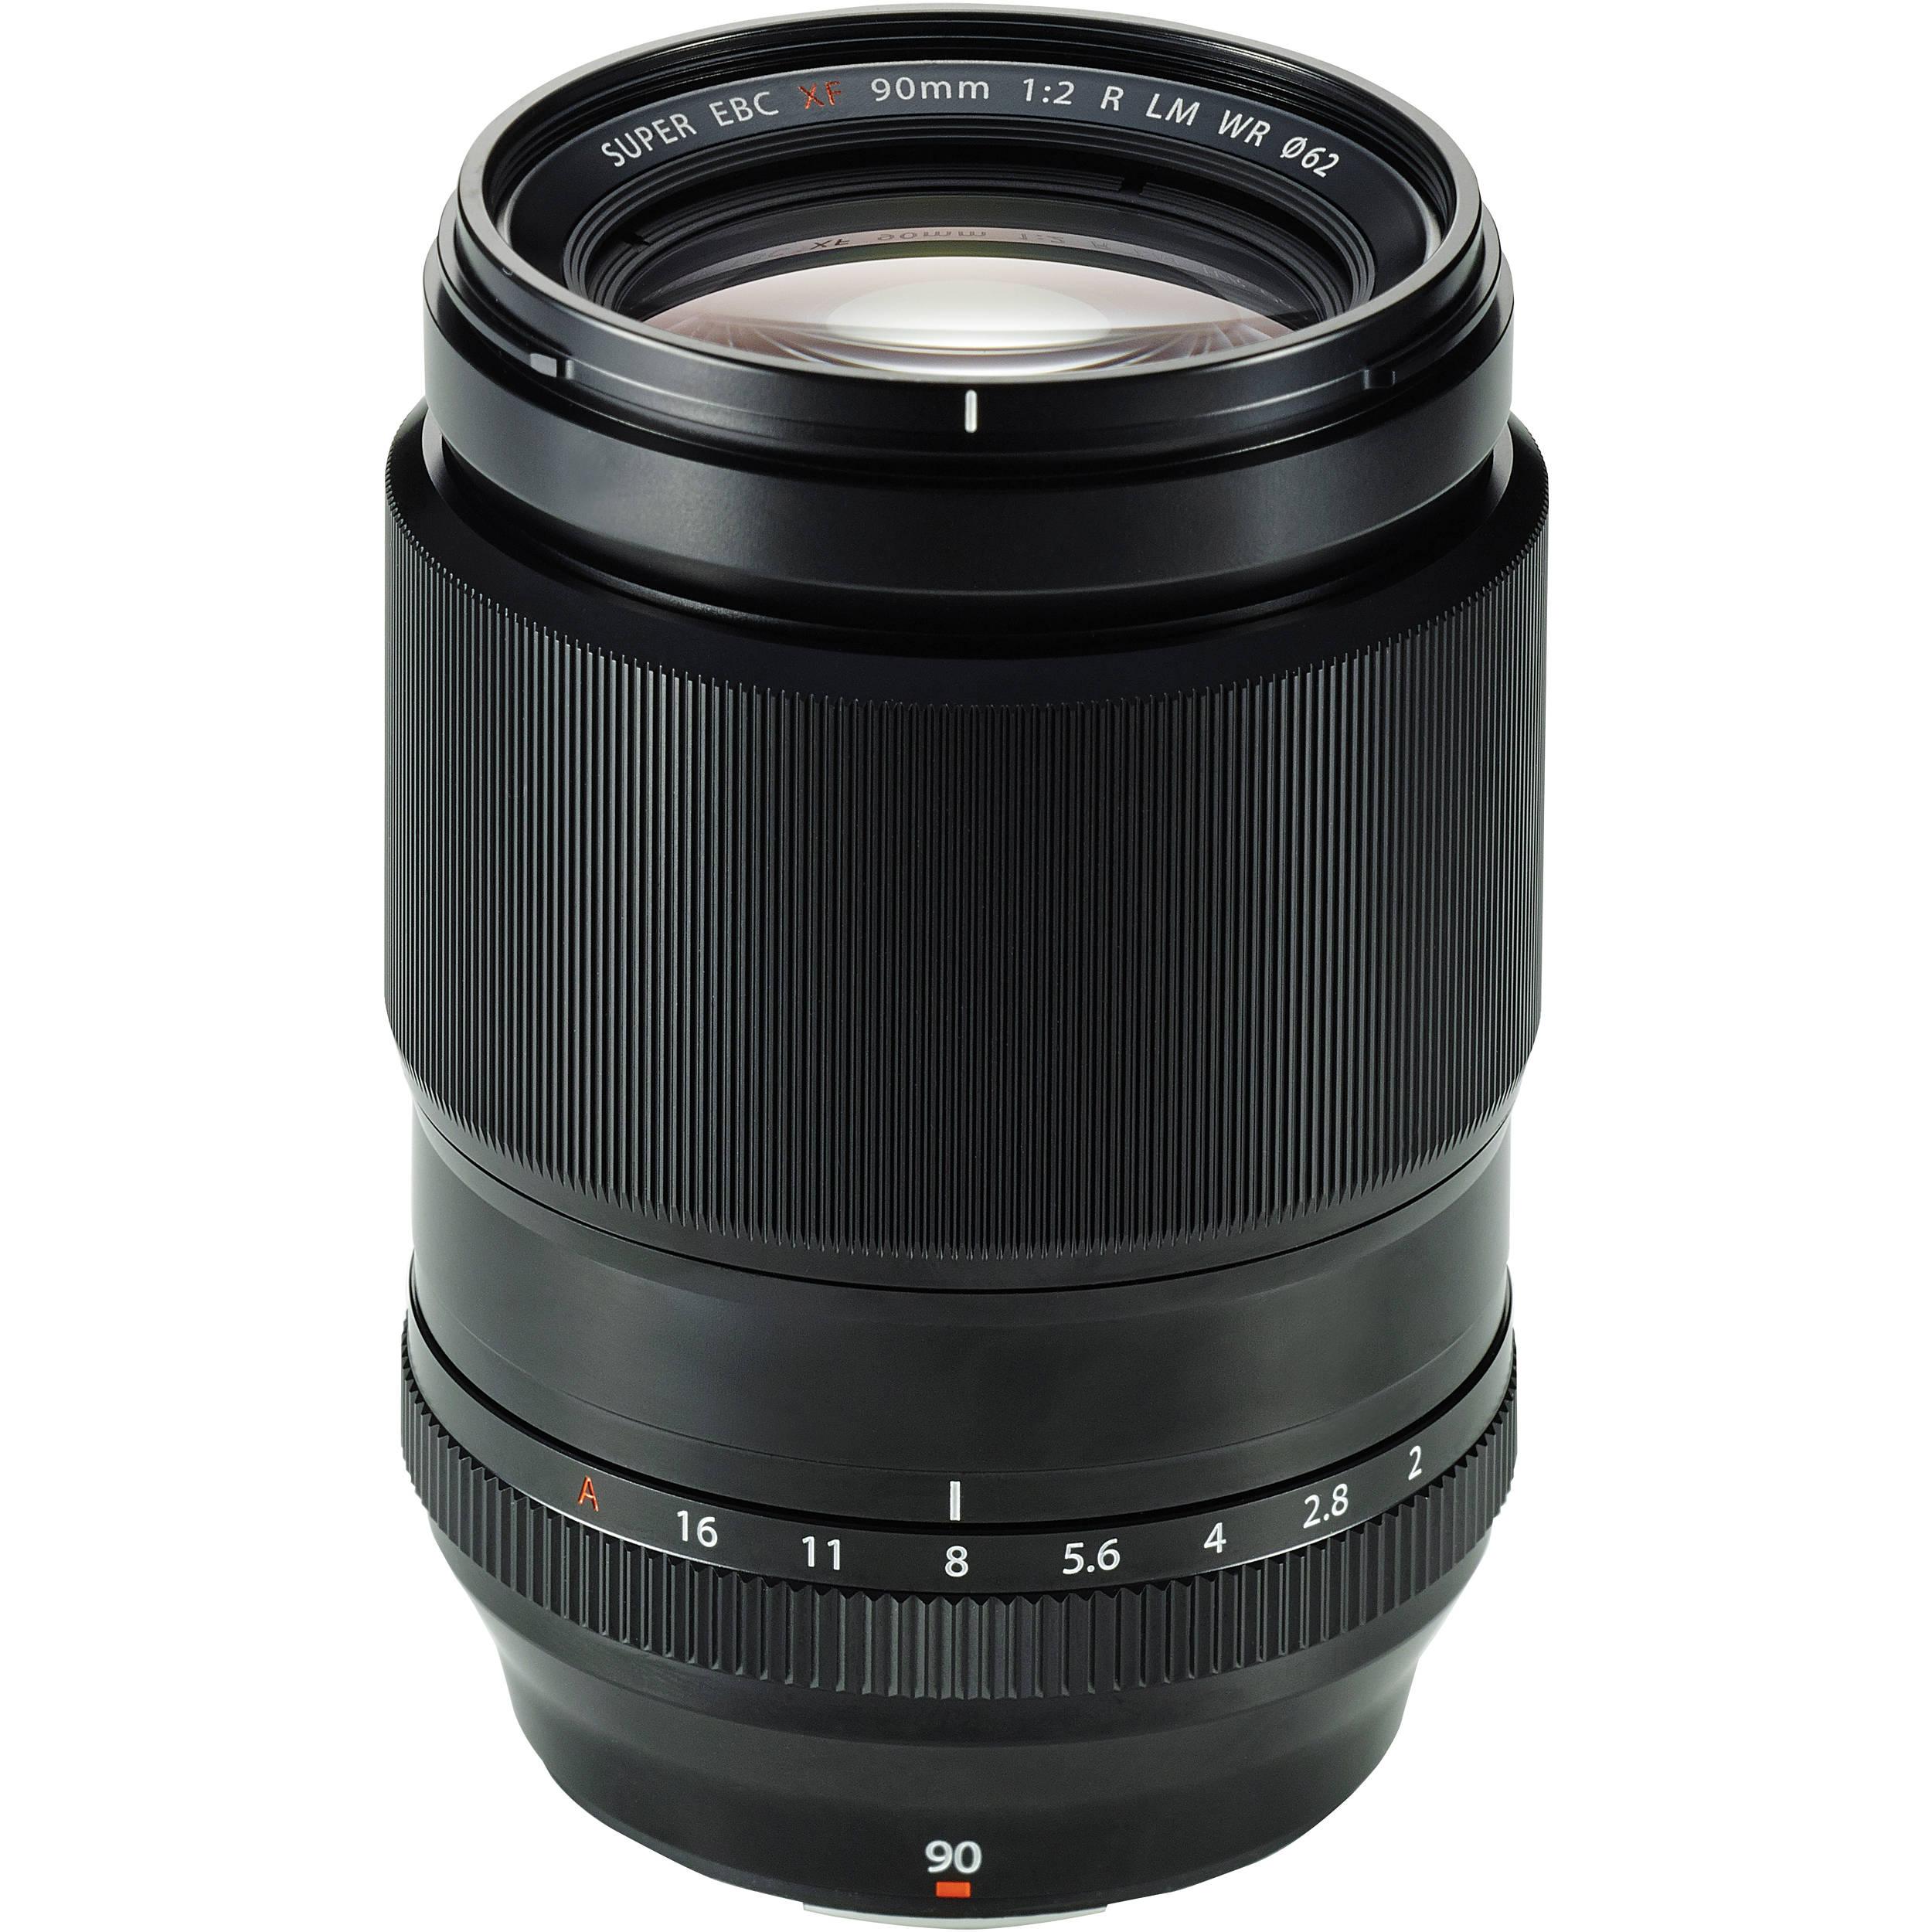 Fujifilm Fujinon XF 90mm f/2,0 R LM WR